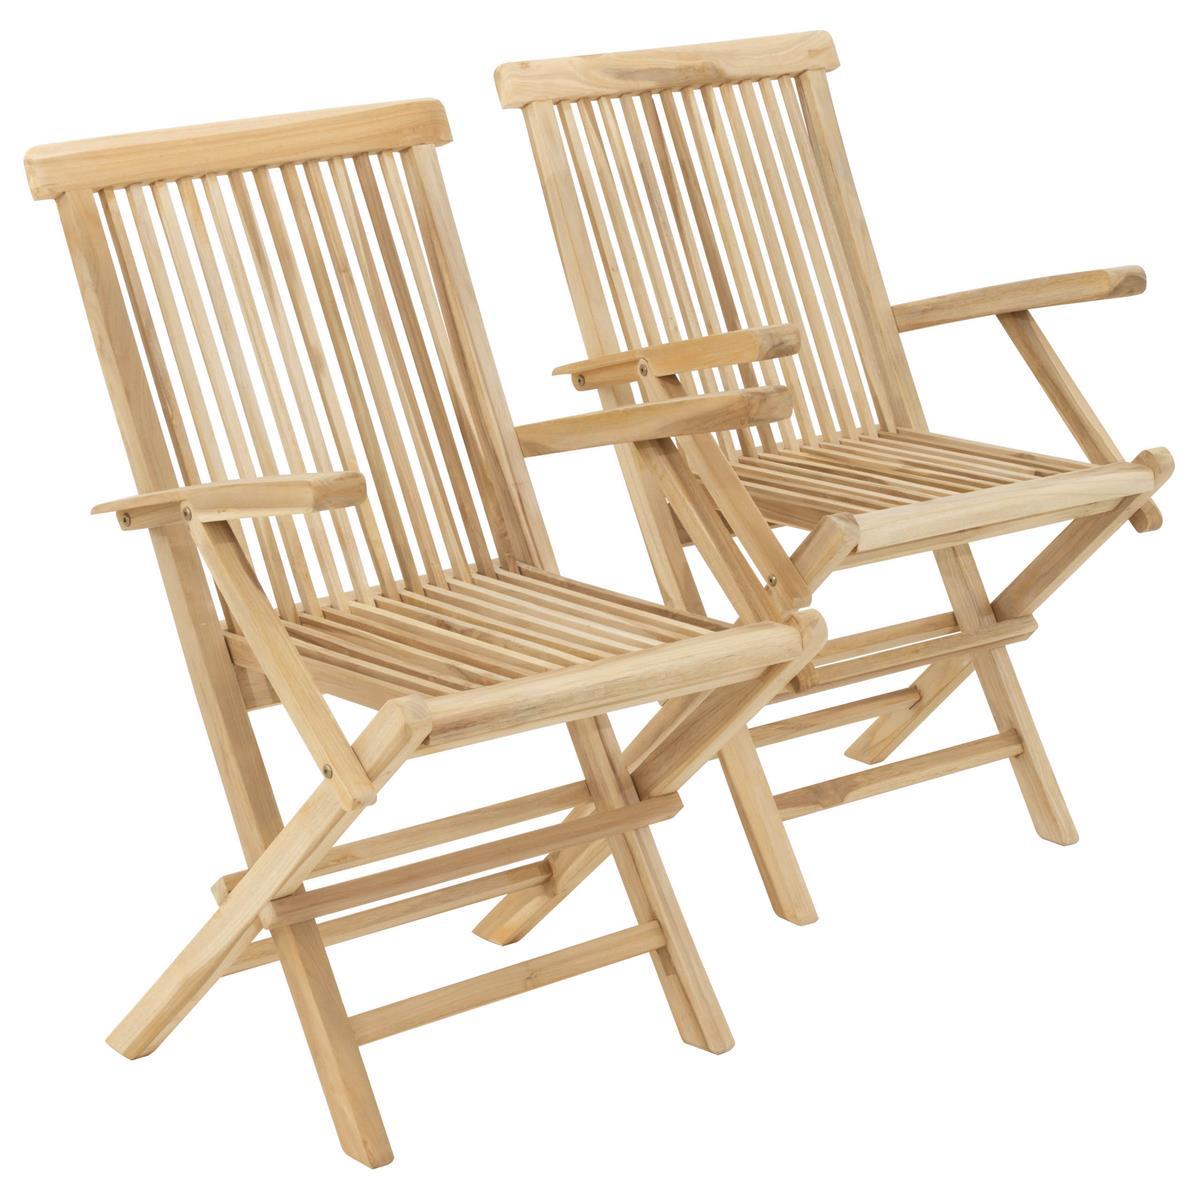 DIVERO Stuhl Teak Holz 2er Set klappbar massiv Holzstuhl Armlehne unbehandelt